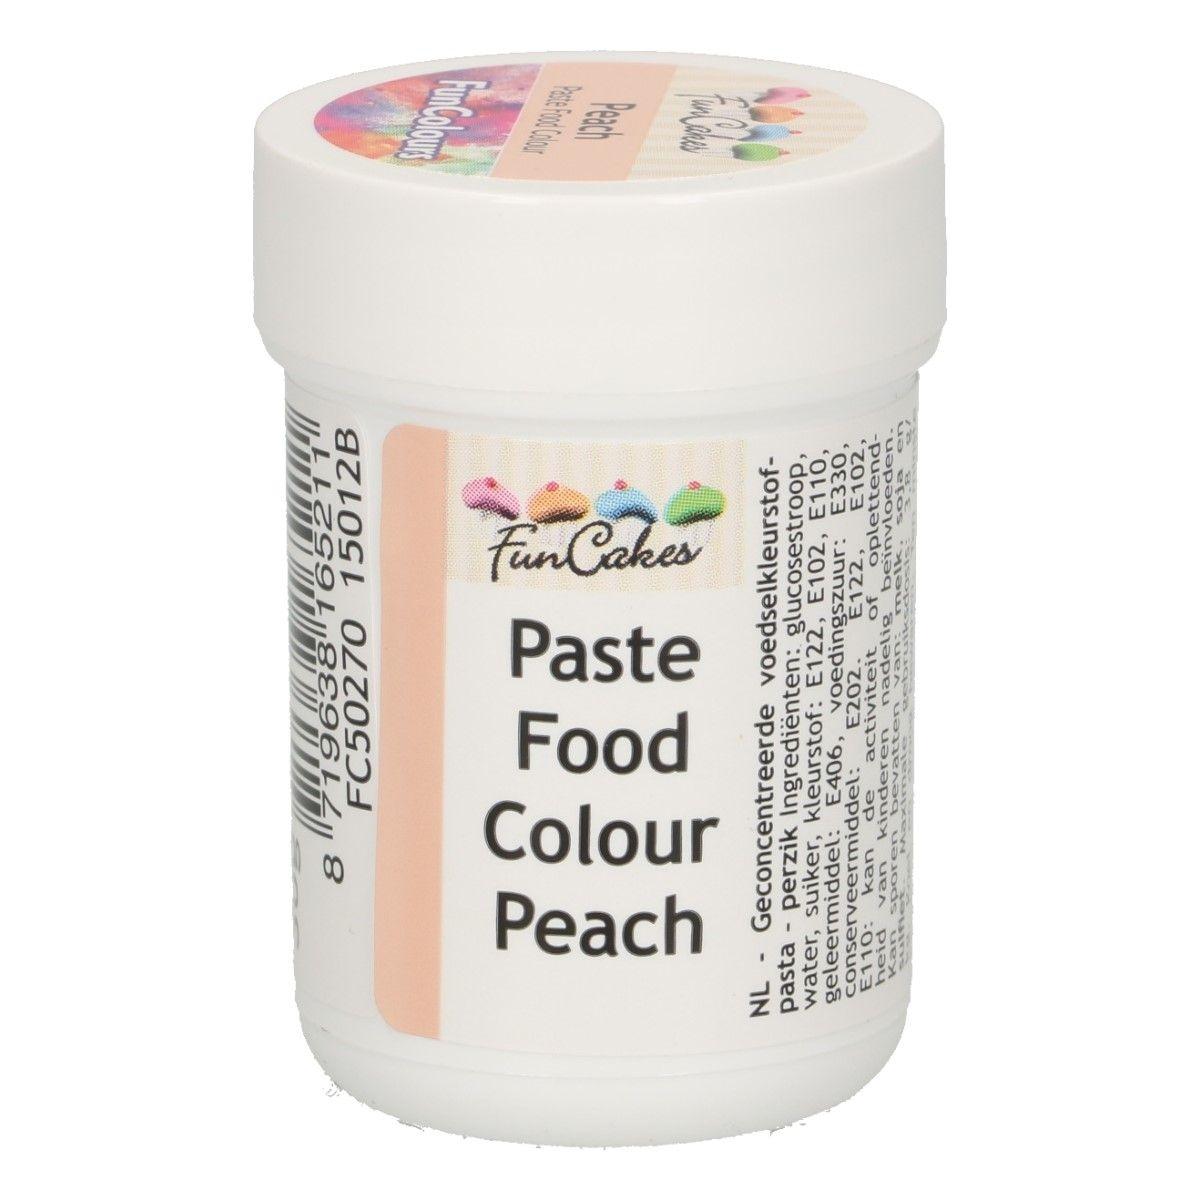 FunCakes FunColours Paste Food Colours